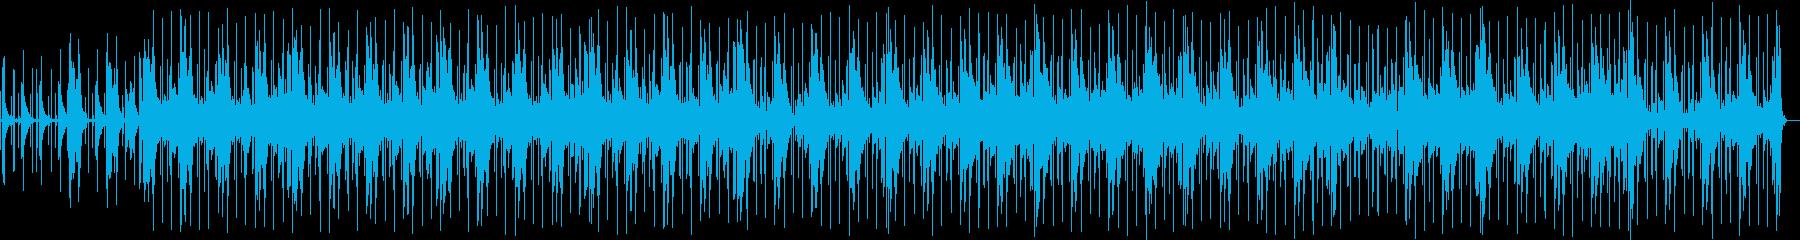 有機的でゆったりとしたピアノヒップホップの再生済みの波形